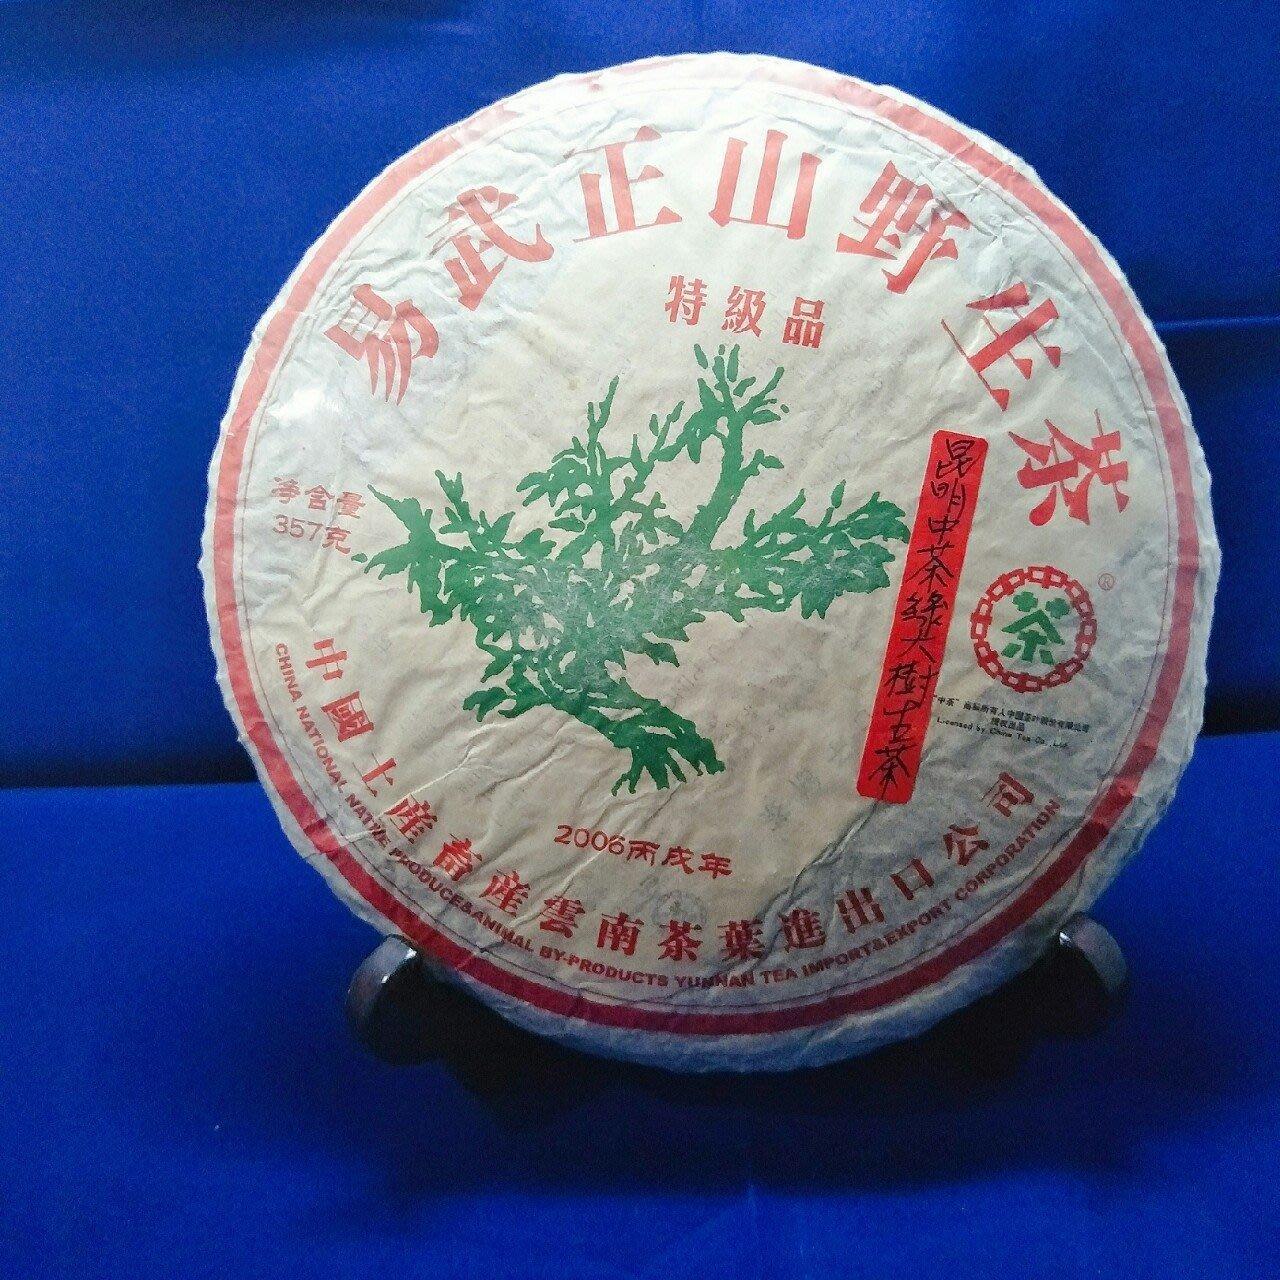 (現貨) 2006年易武正山野生茶!綠大樹【特級品】 迷你茶磚 普洱茶餅 普洱茶磚 伴手禮 勐海 大益 新中